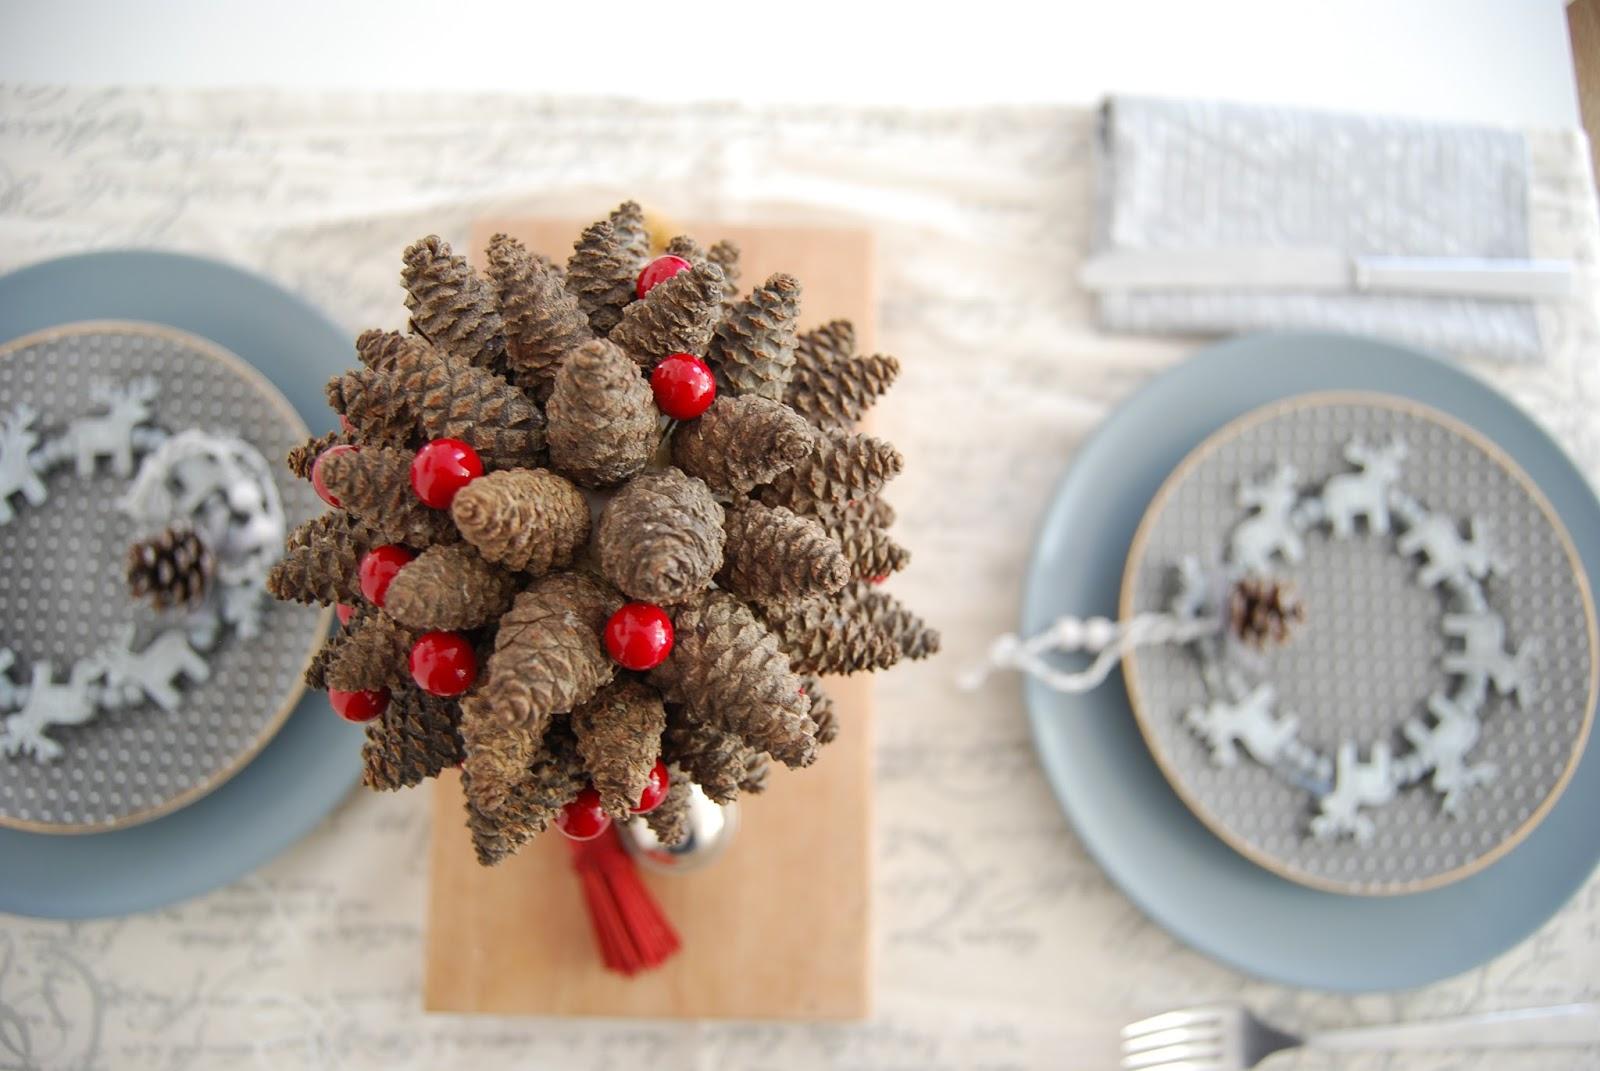 Arboles De Navidad Con Pias Cool With Arboles De Navidad Con Pias - Pias-navidad